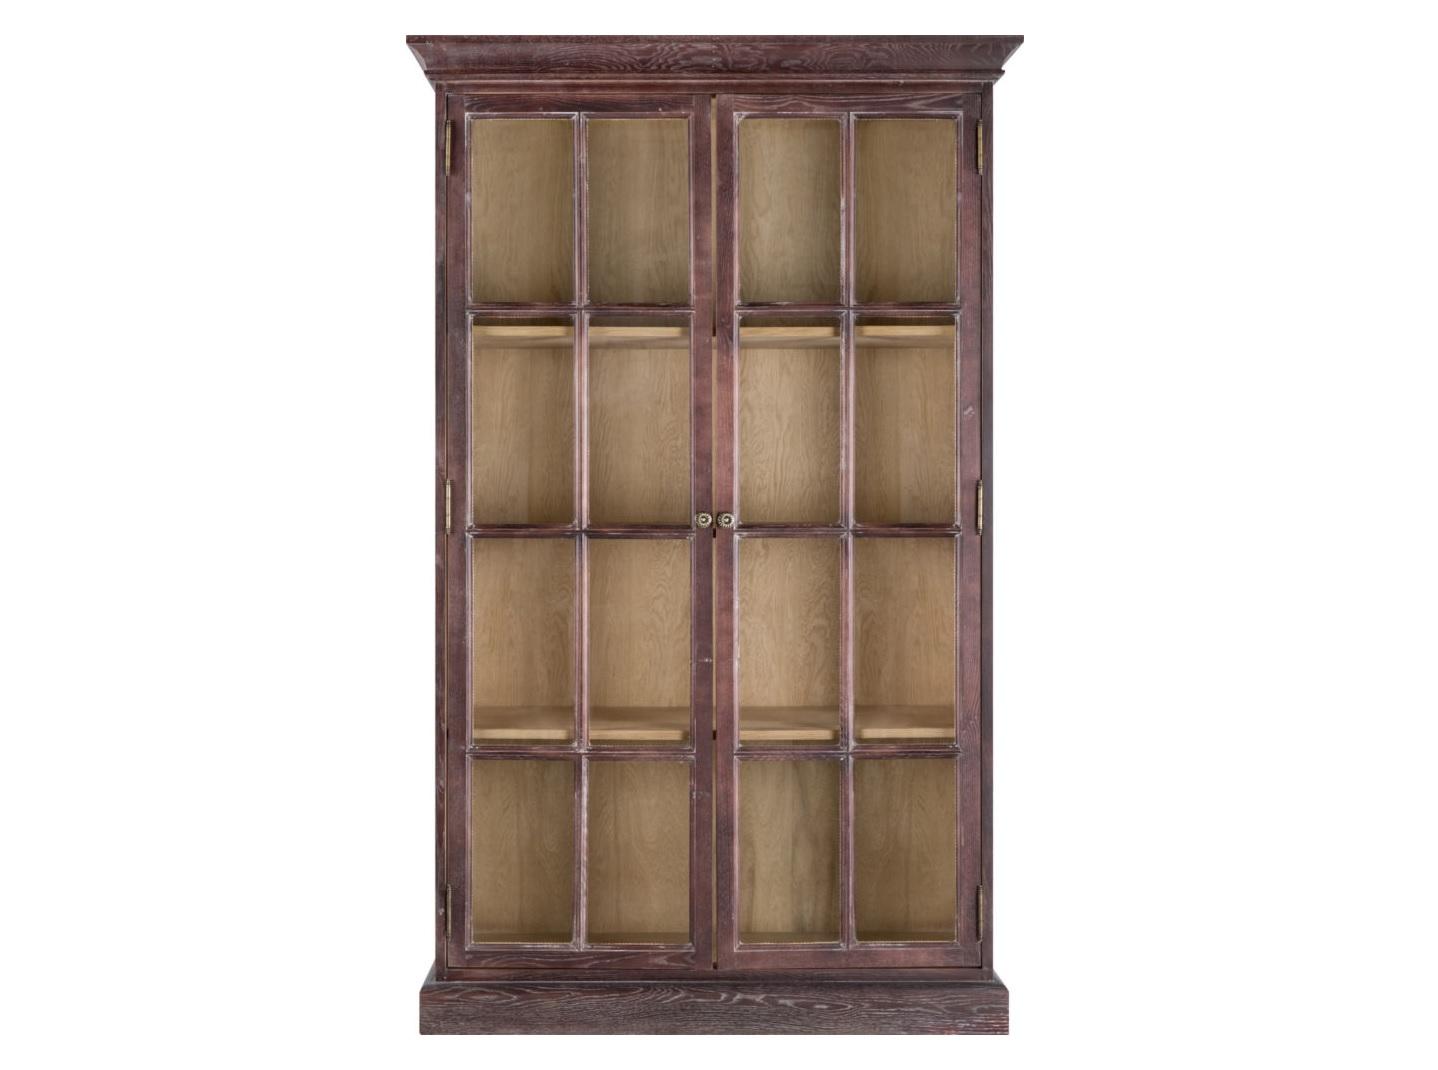 Шкаф кабинетныйКнижные шкафы и библиотеки<br><br><br>Material: Дерево<br>Ширина см: 120<br>Высота см: 200<br>Глубина см: 48